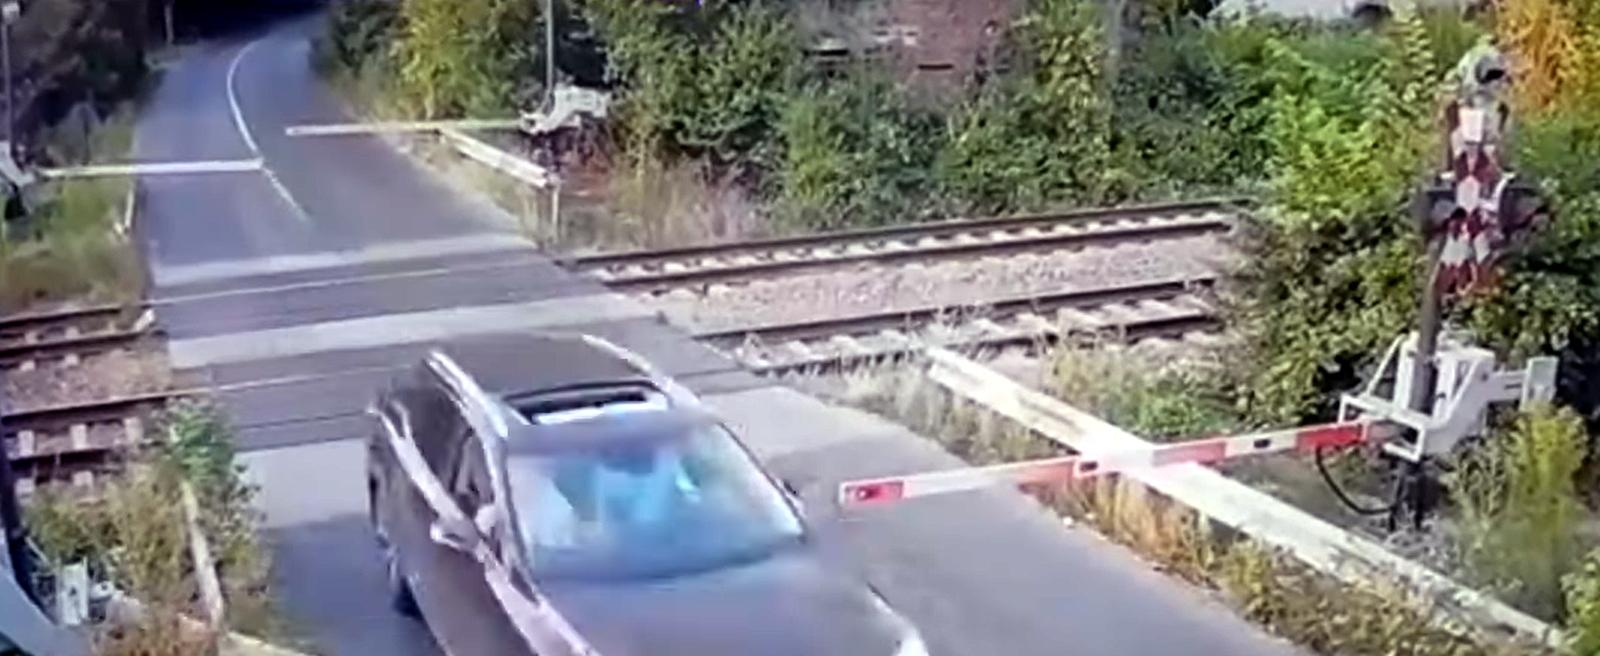 Noi detalii în cazul șoferului reținut după ce a rupt barierele de tren de la Brănești. Câțiva kilometri mai încolo s-a răsturnat cu mașină   VIDEO